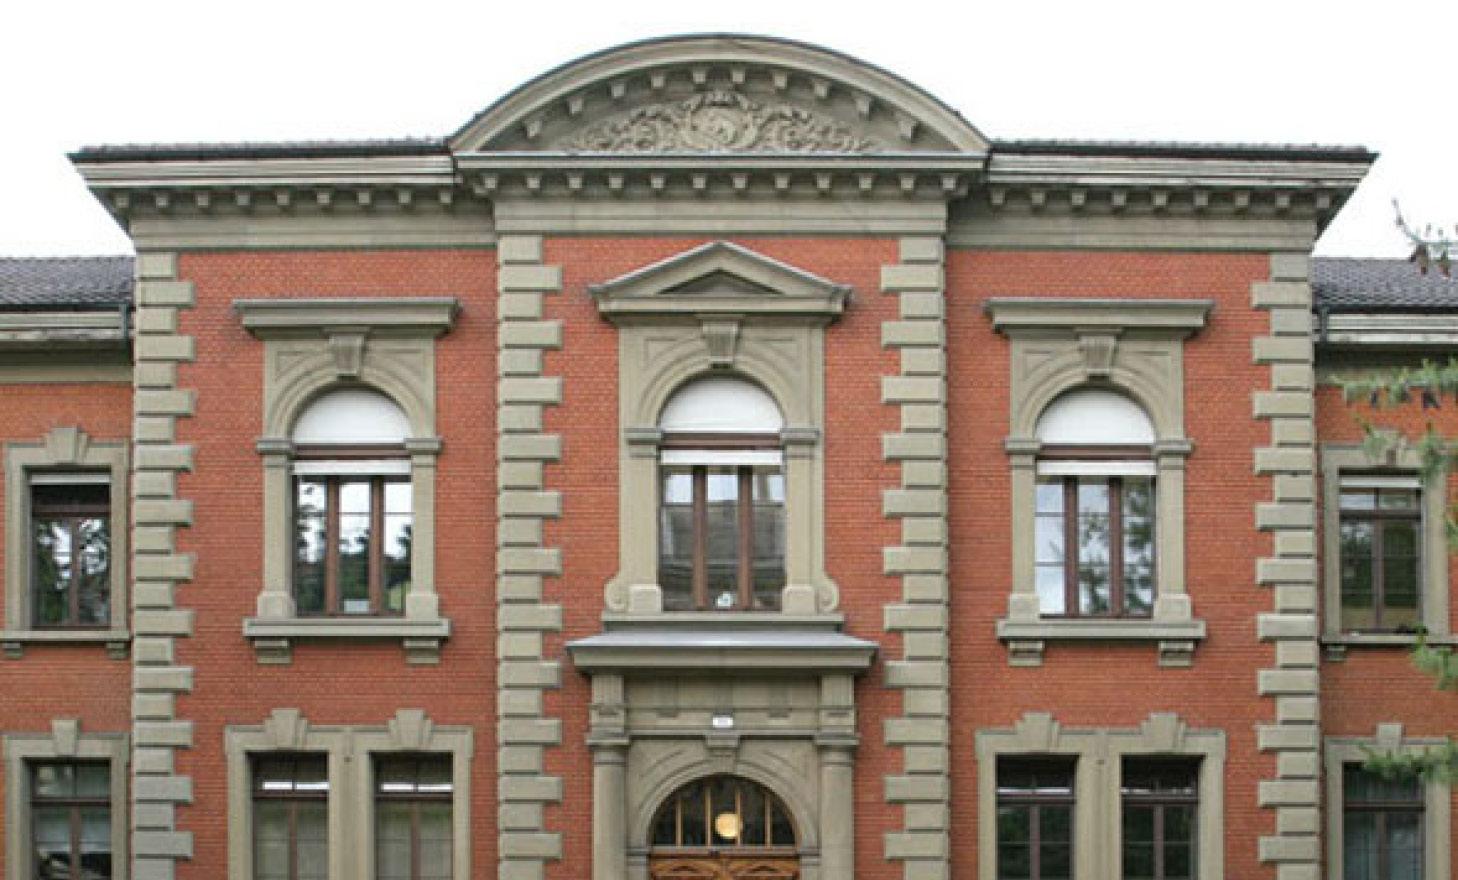 Institut_fuer_Anatomie_Bern2